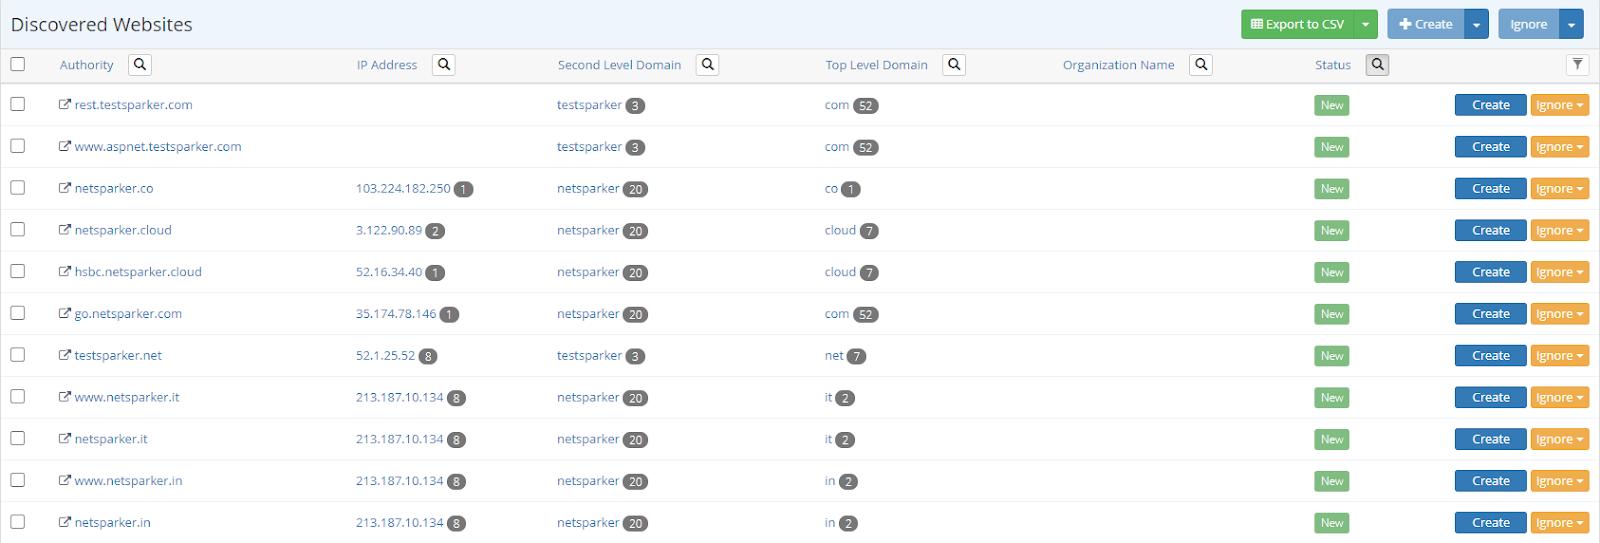 Discovered Websites in Netsparker Enterprise